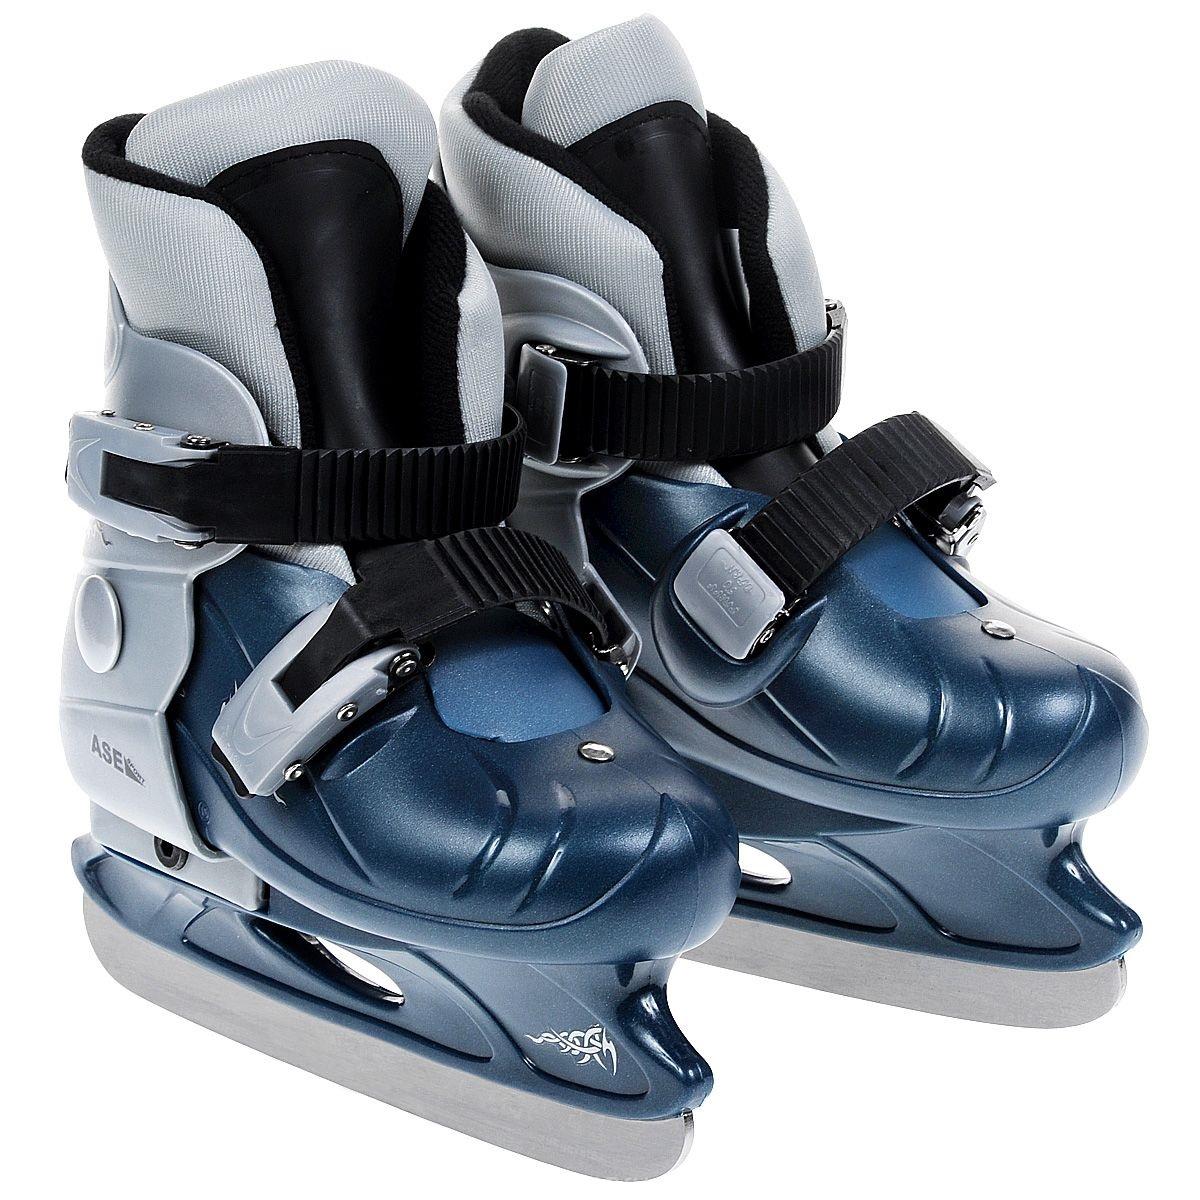 Коньки раздвижные ASE-SPORT Ase-Sport р.S (33-36) коньки хоккейные раздвижные ase sport ase 211f цвет белый розовый размер 34 37